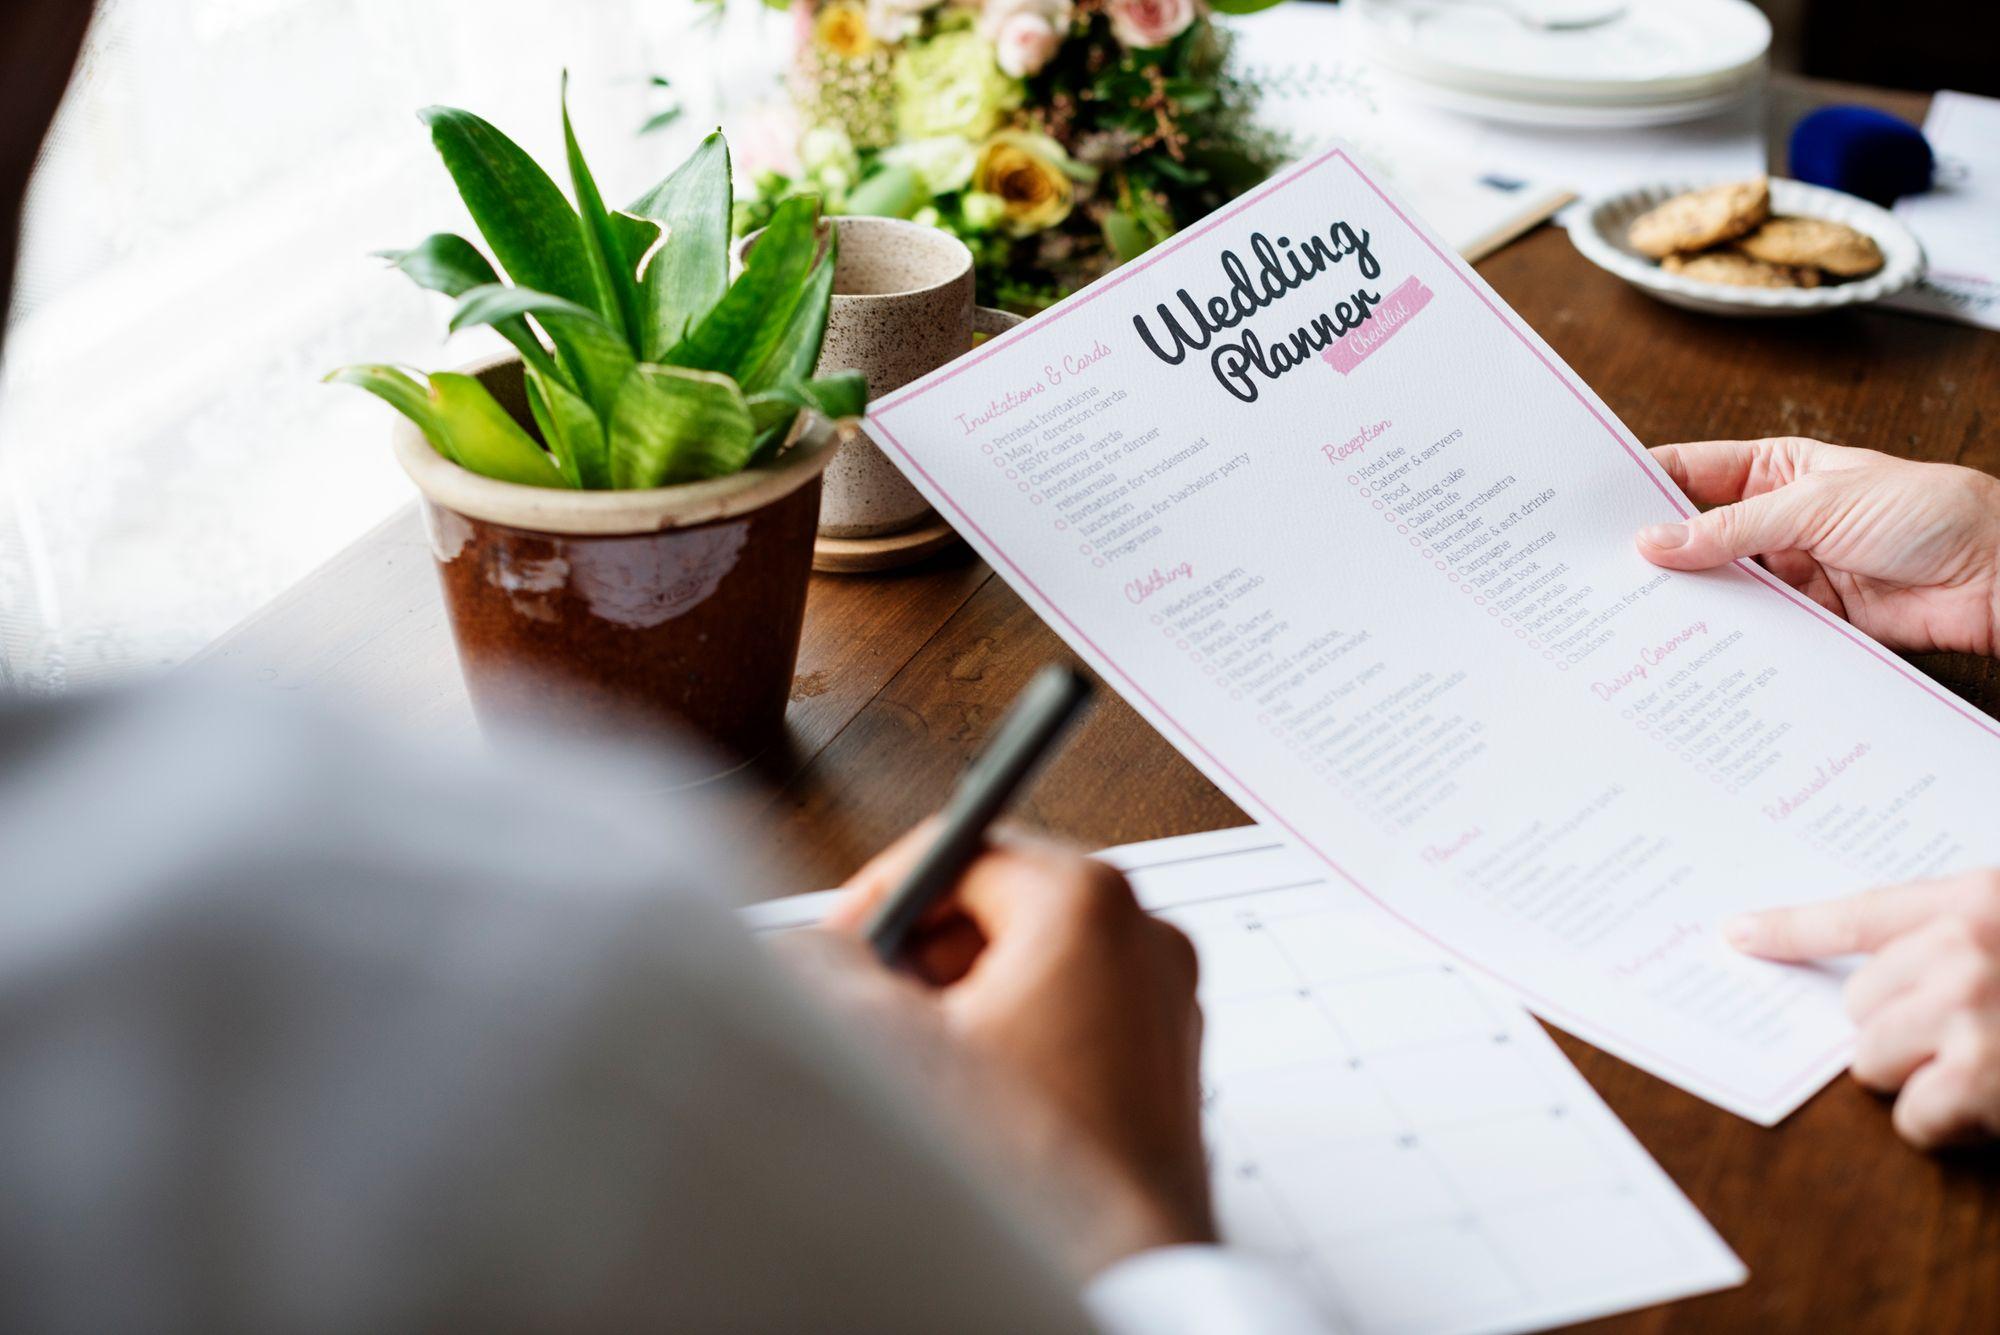 Checkliste fuer die Hochzeitsplanung mit den wichtigsten To-dos